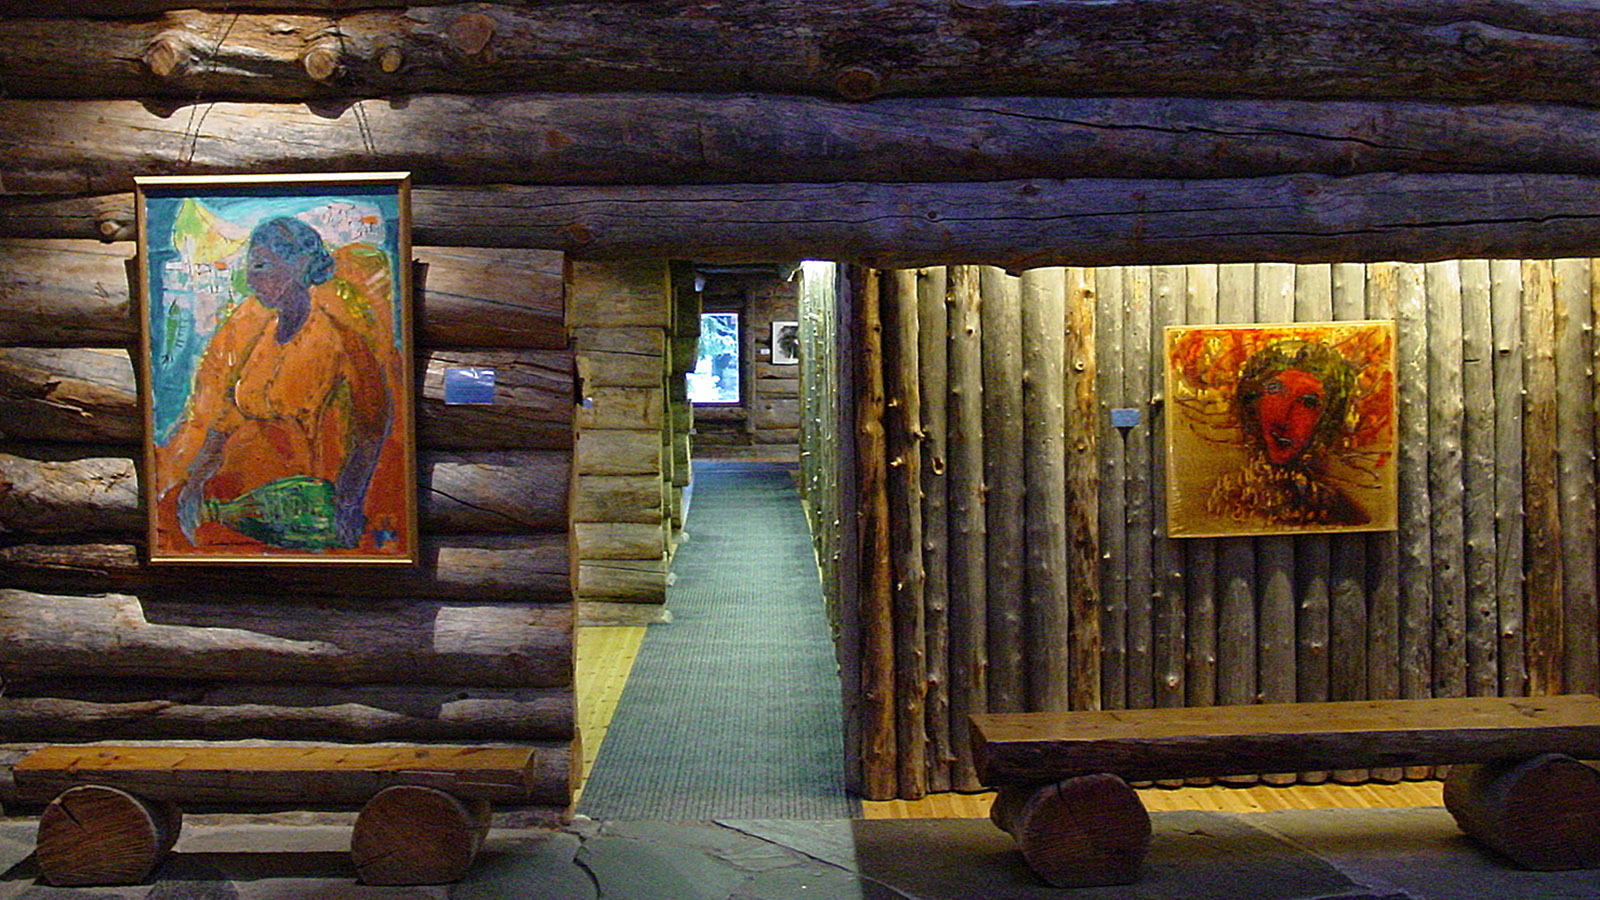 Das Reidar Särestoniemi-Museum zeigt die schönsten Werke des finnischen Malers (1925-1981). Foto: Hilke Maunder